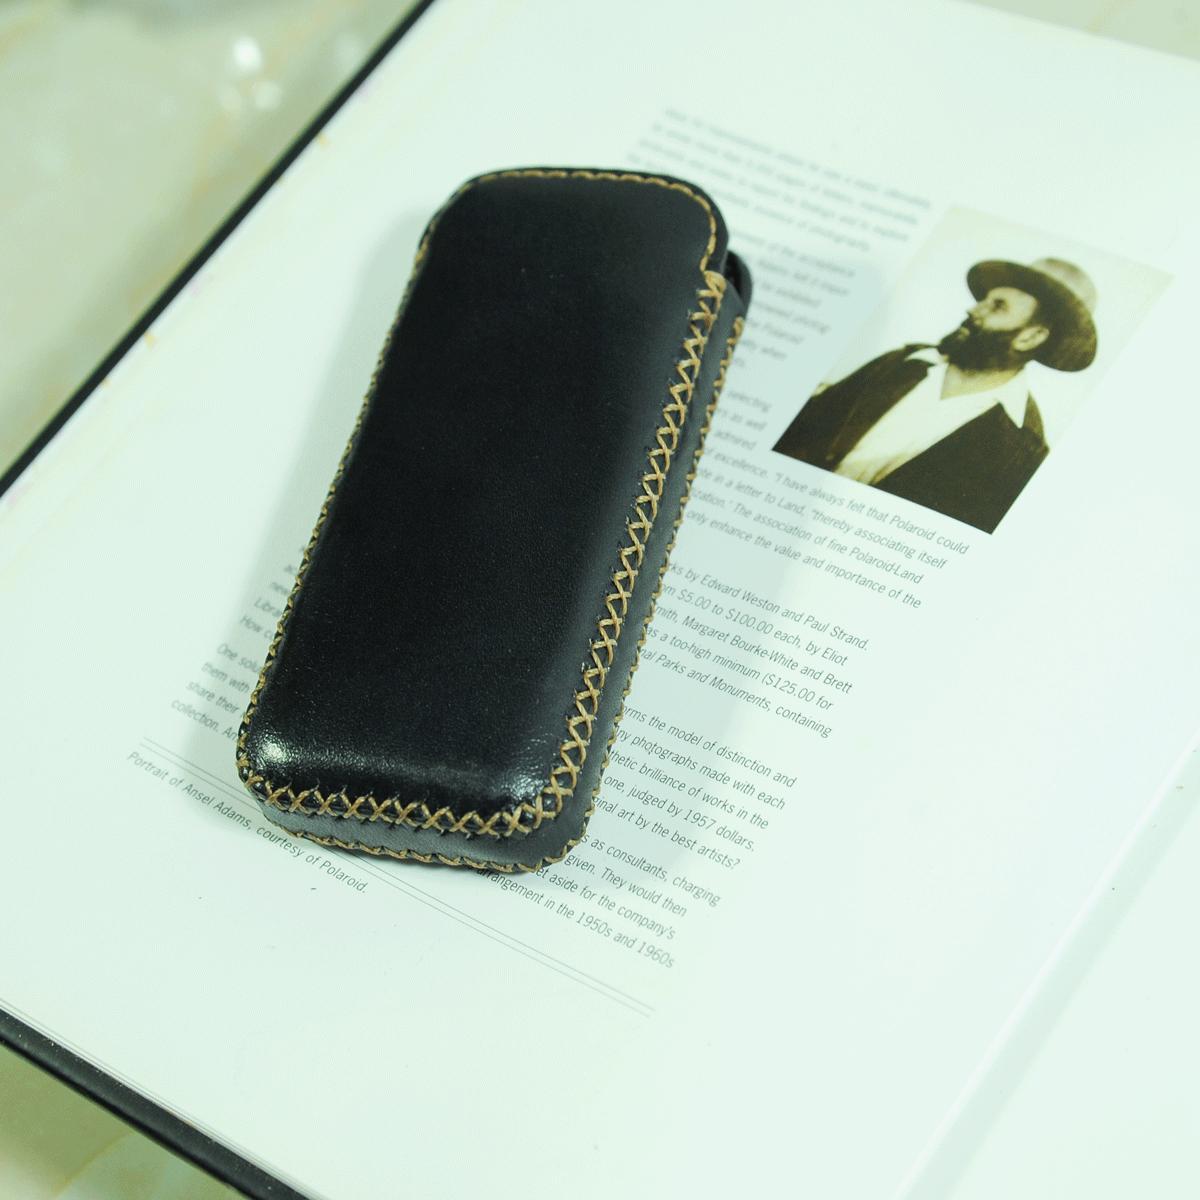 Bao da hộp handmade cho điện thoại Nokia 8800 và Nokia 6700 màu đen - Đồ da thủ công DT036